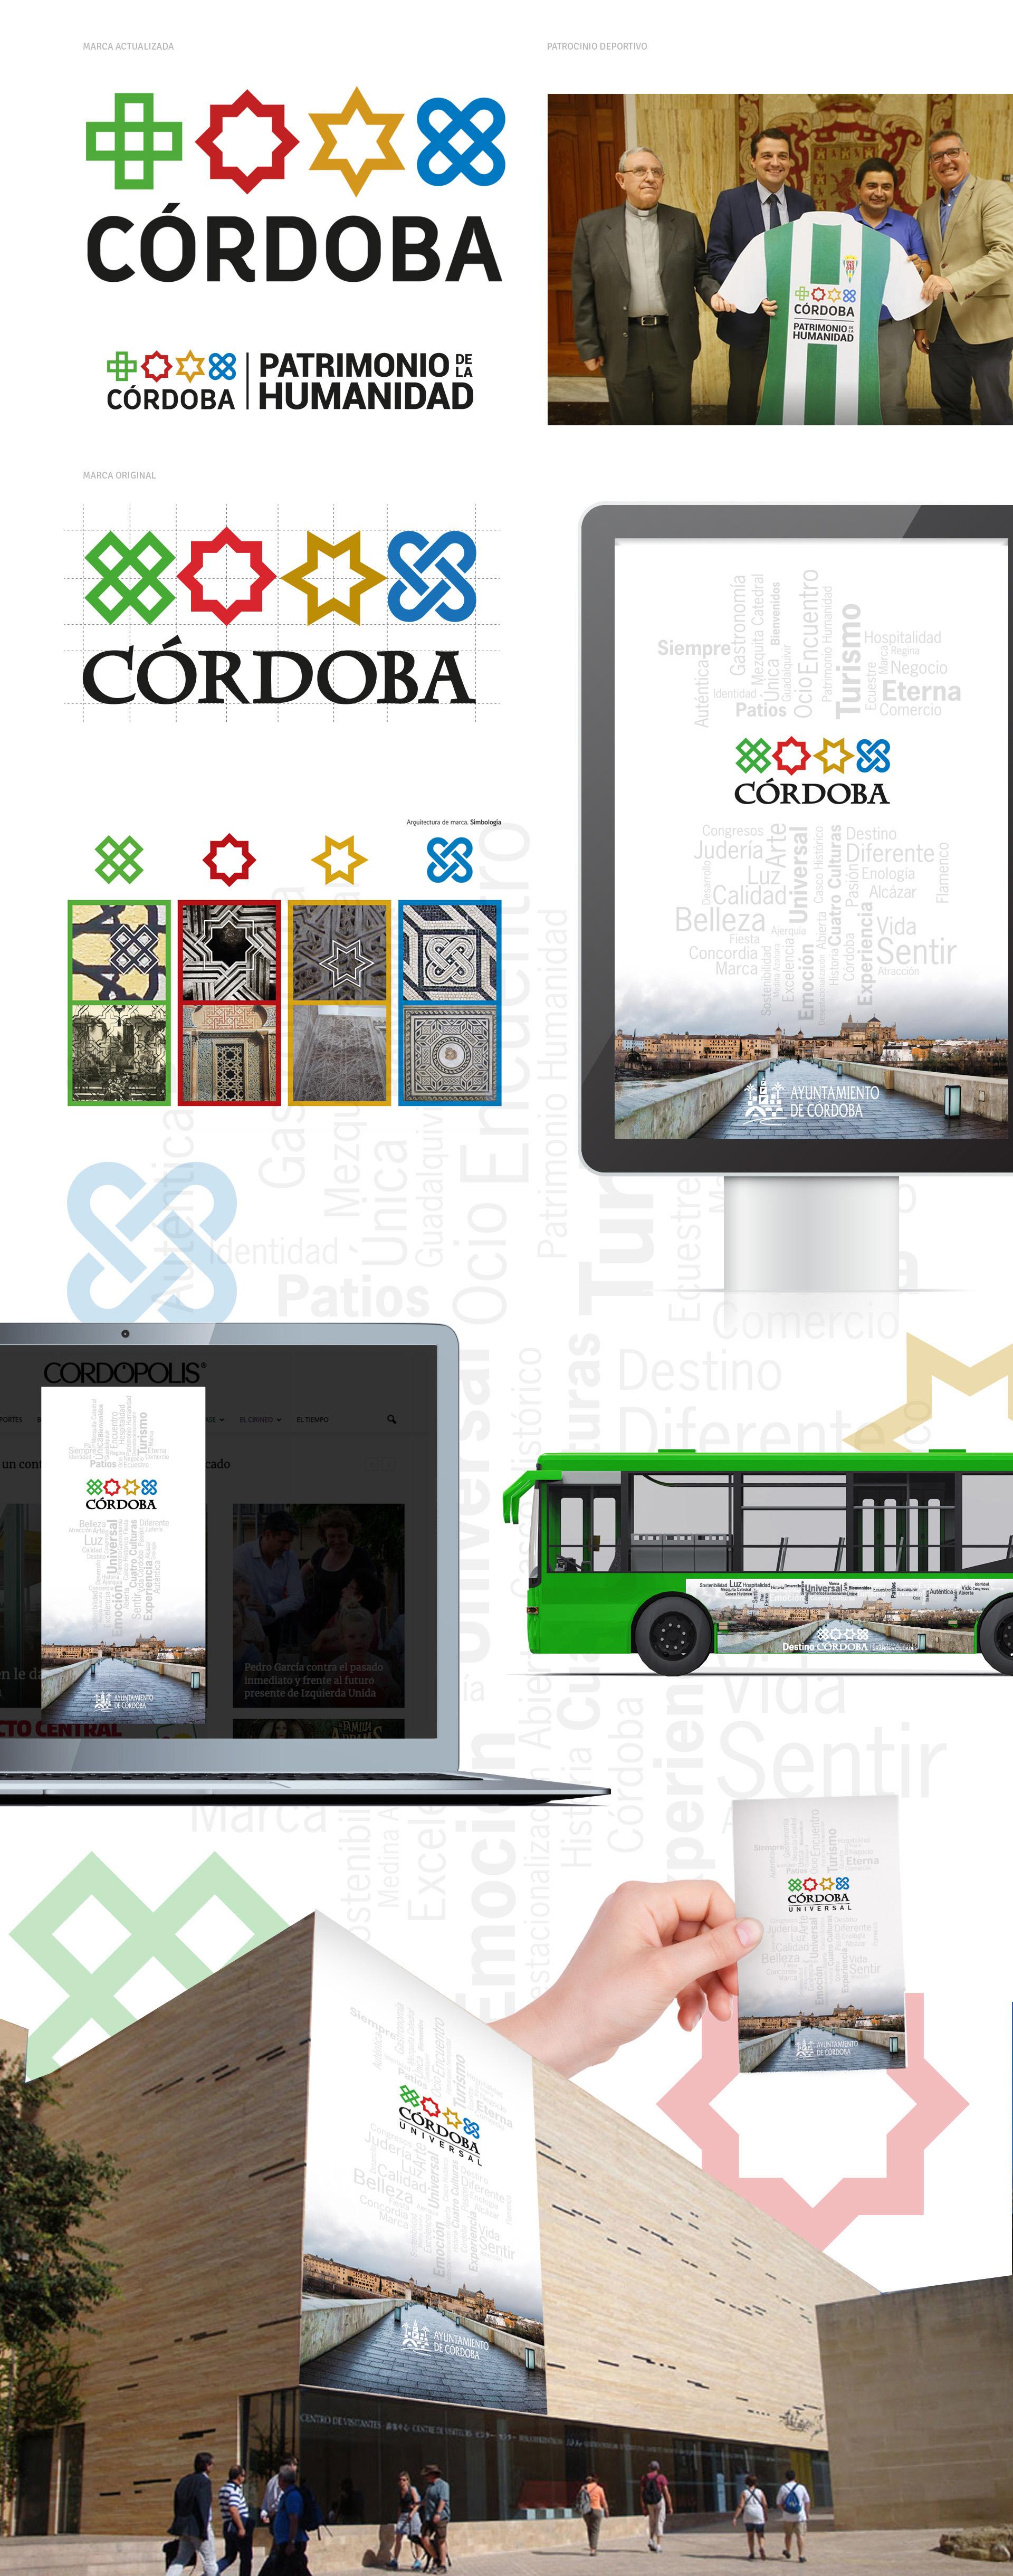 Cordoba-Marca_Turistica